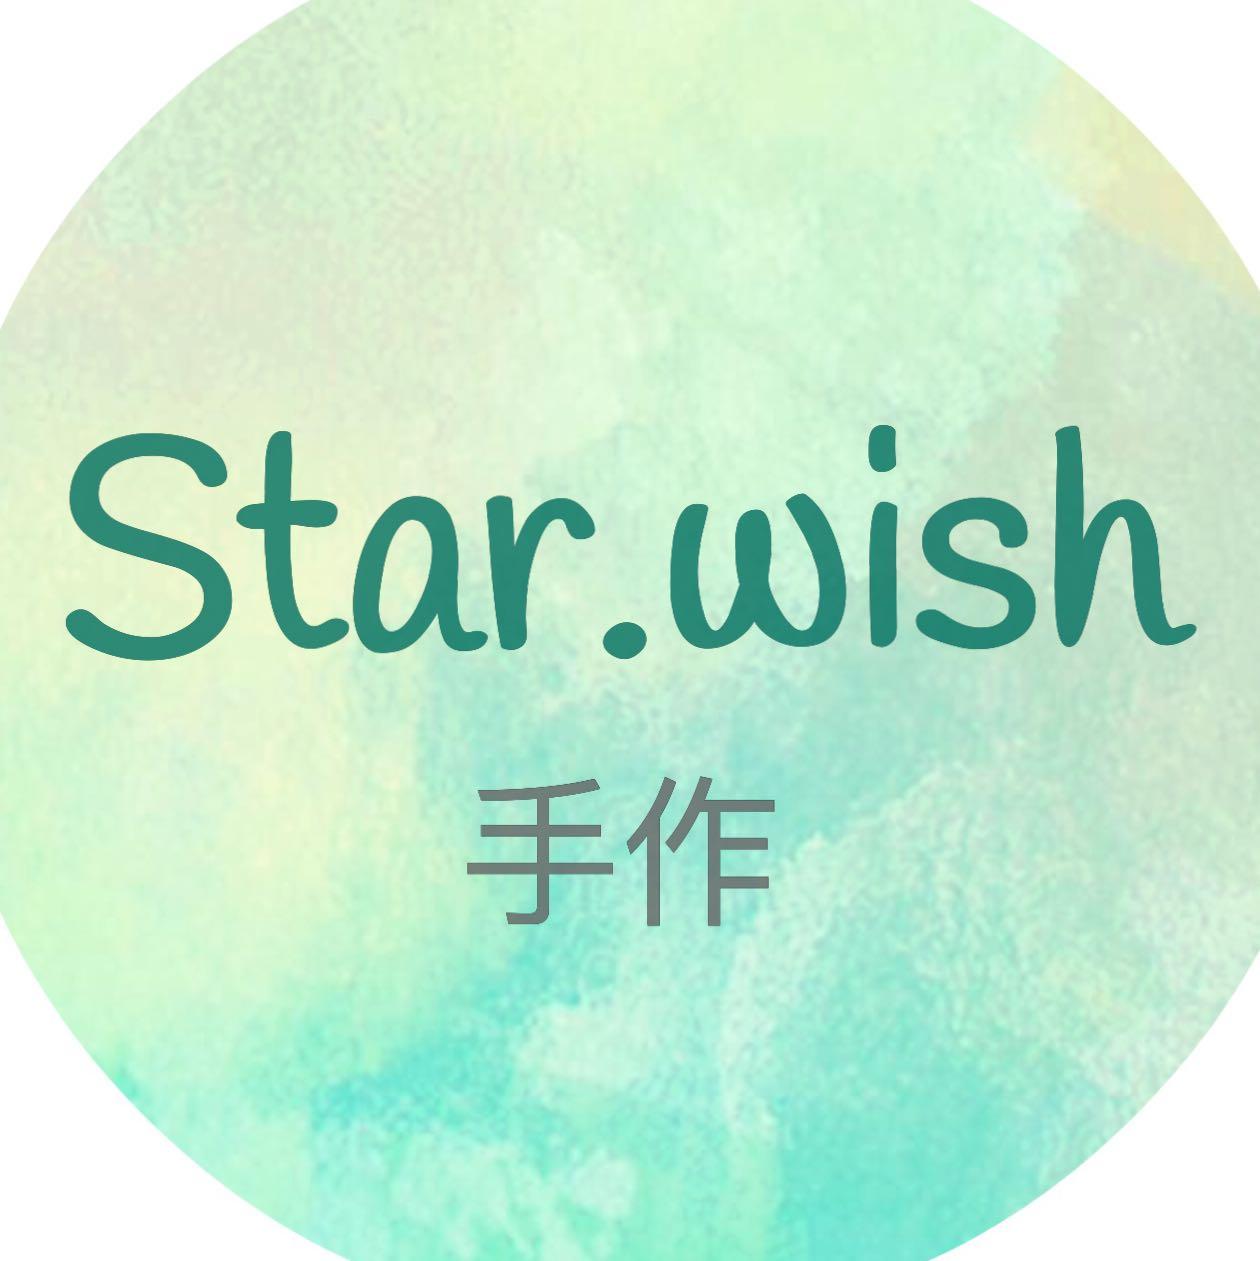 starstarwish